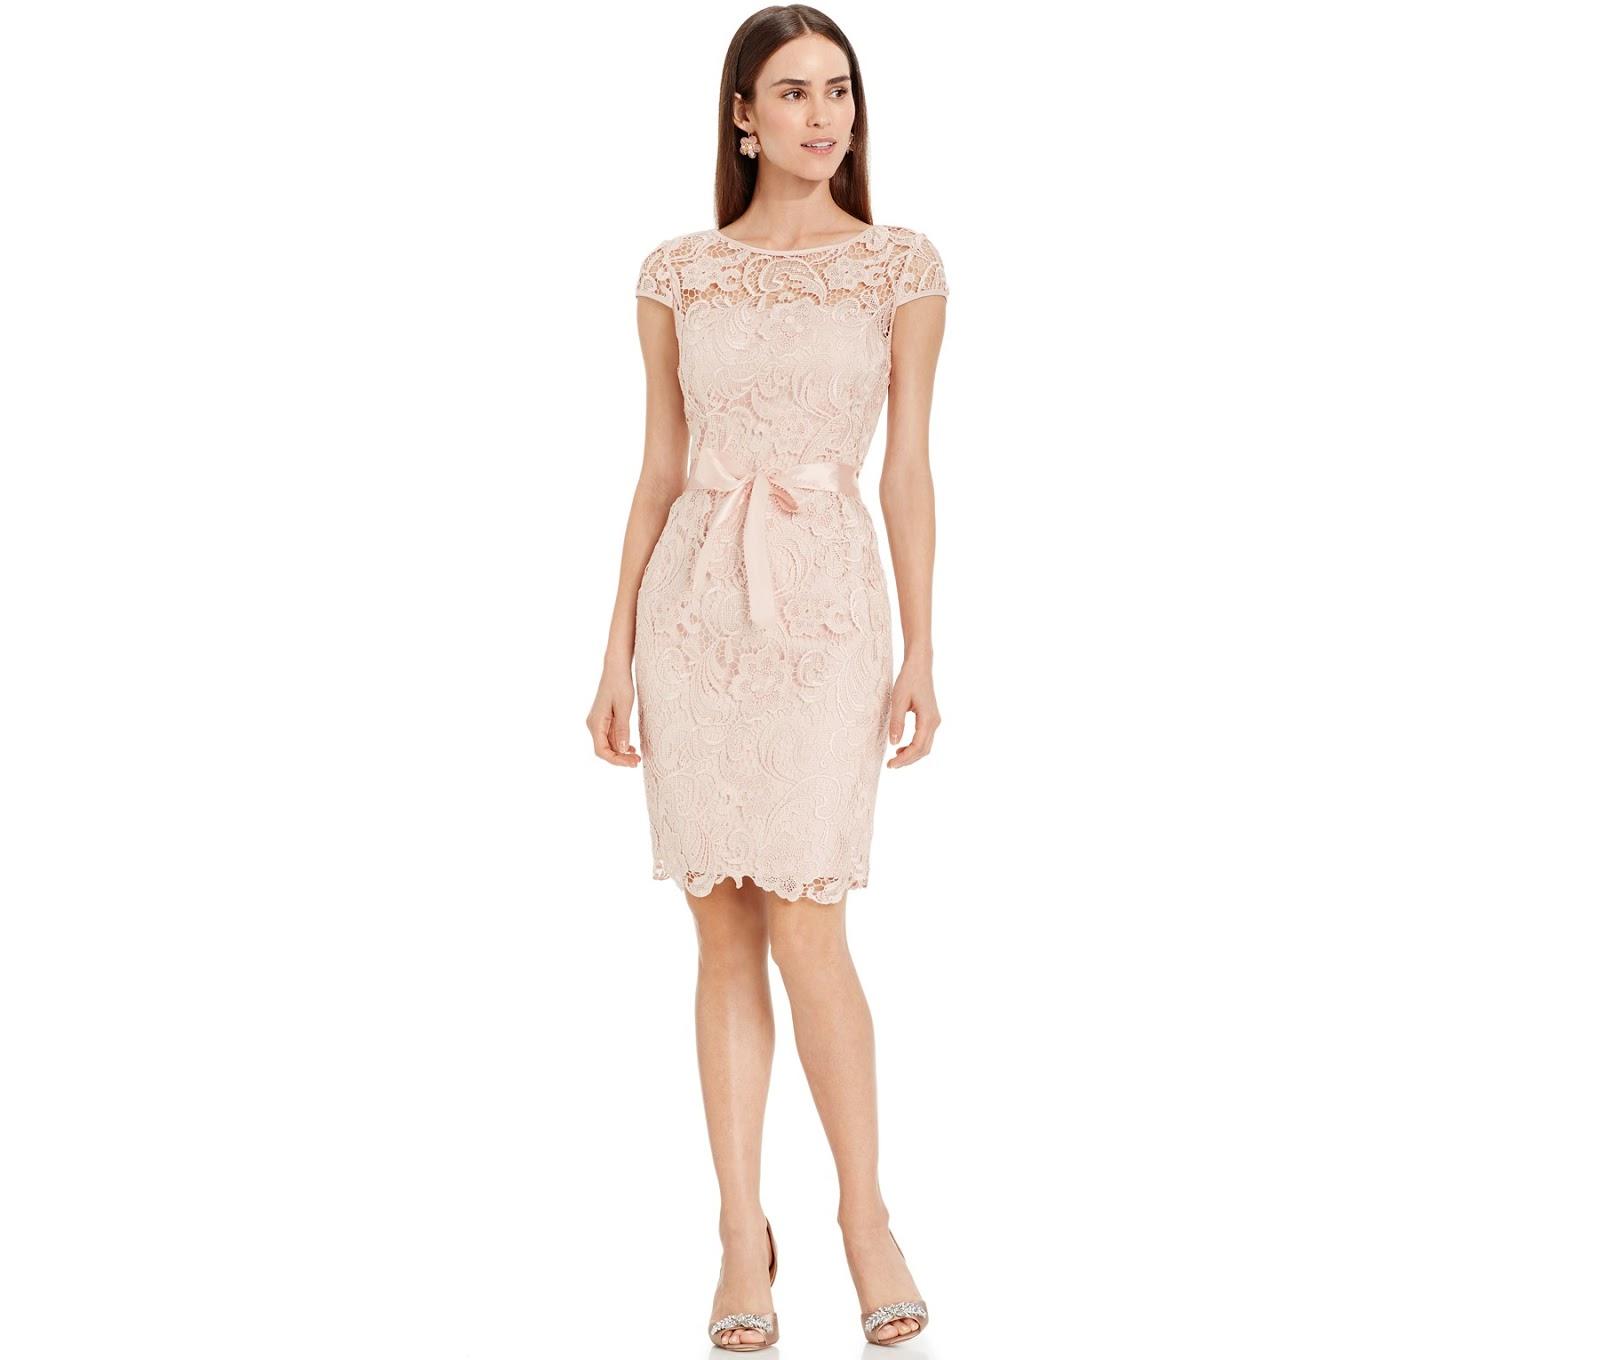 Modelos vestidos de coctel